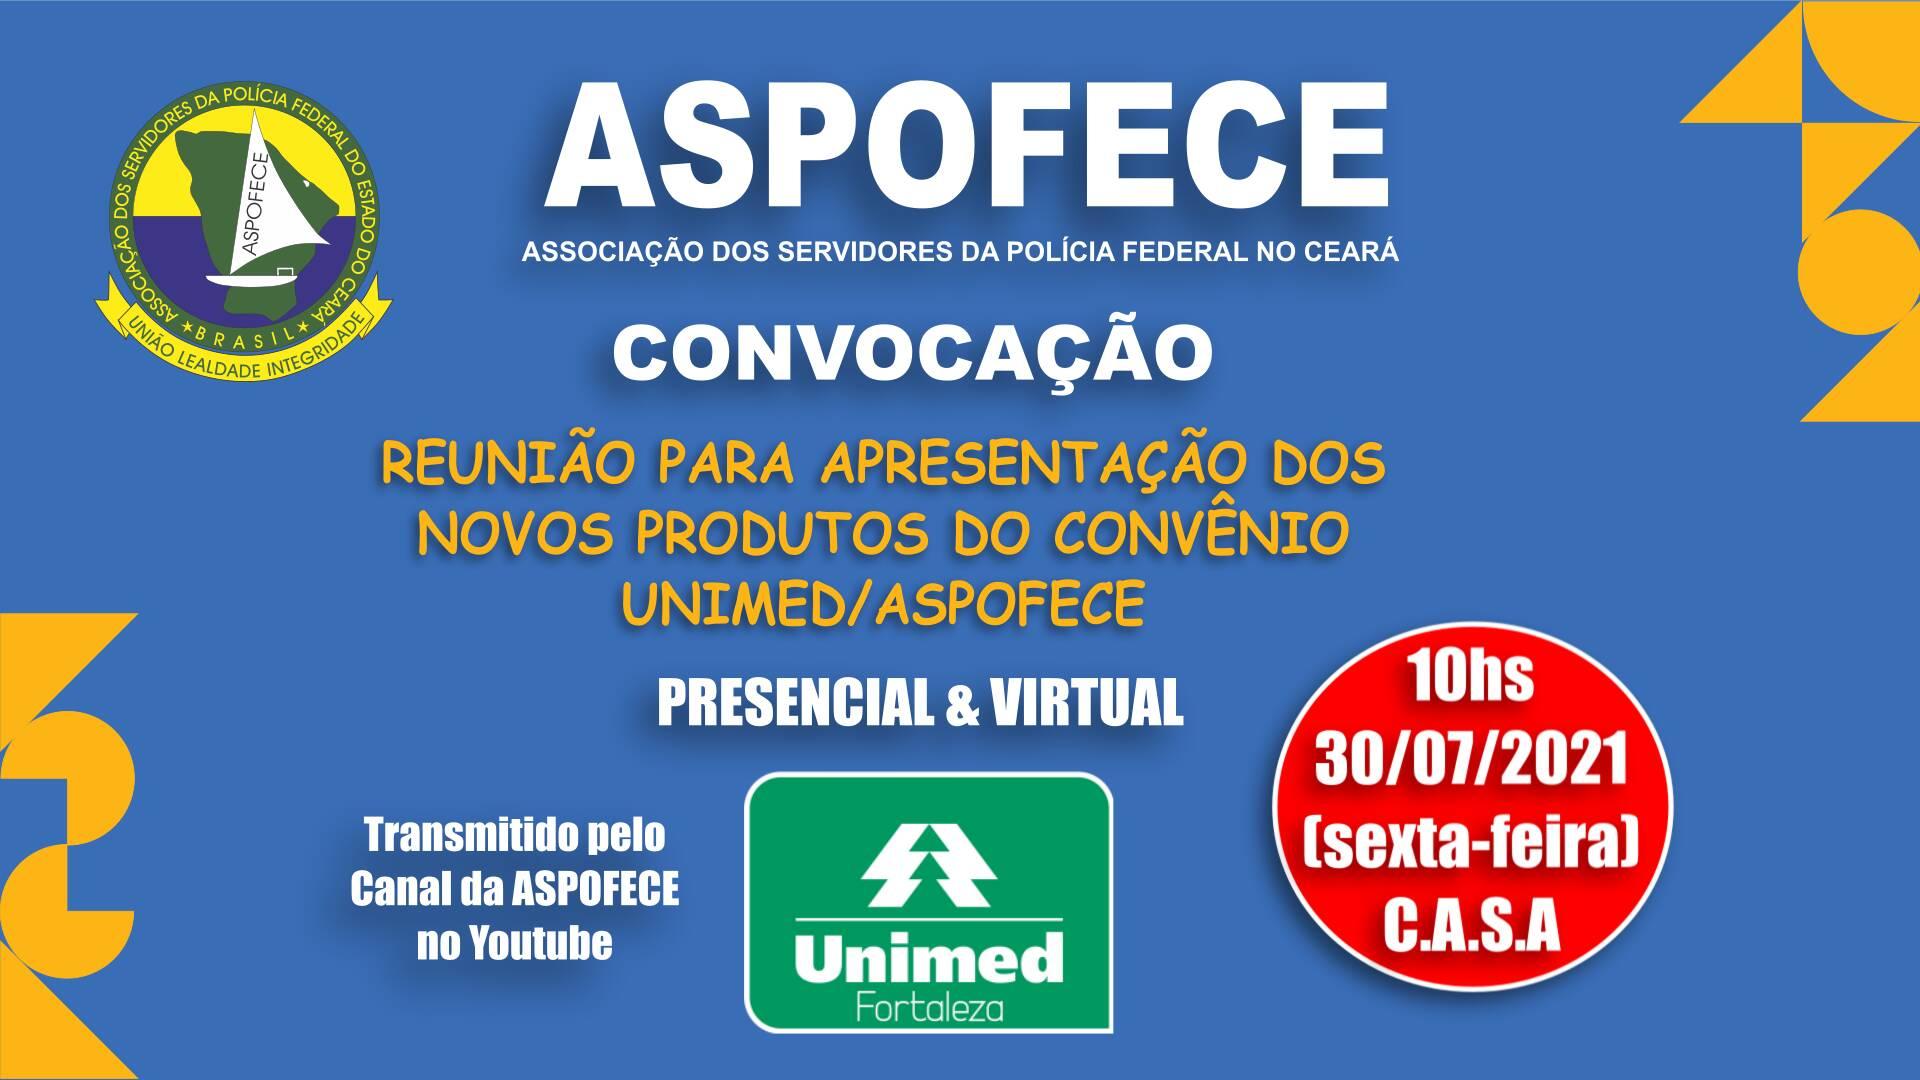 Reunião de apresentação dos novos planos do convênio ASPOFECE/UNIMED